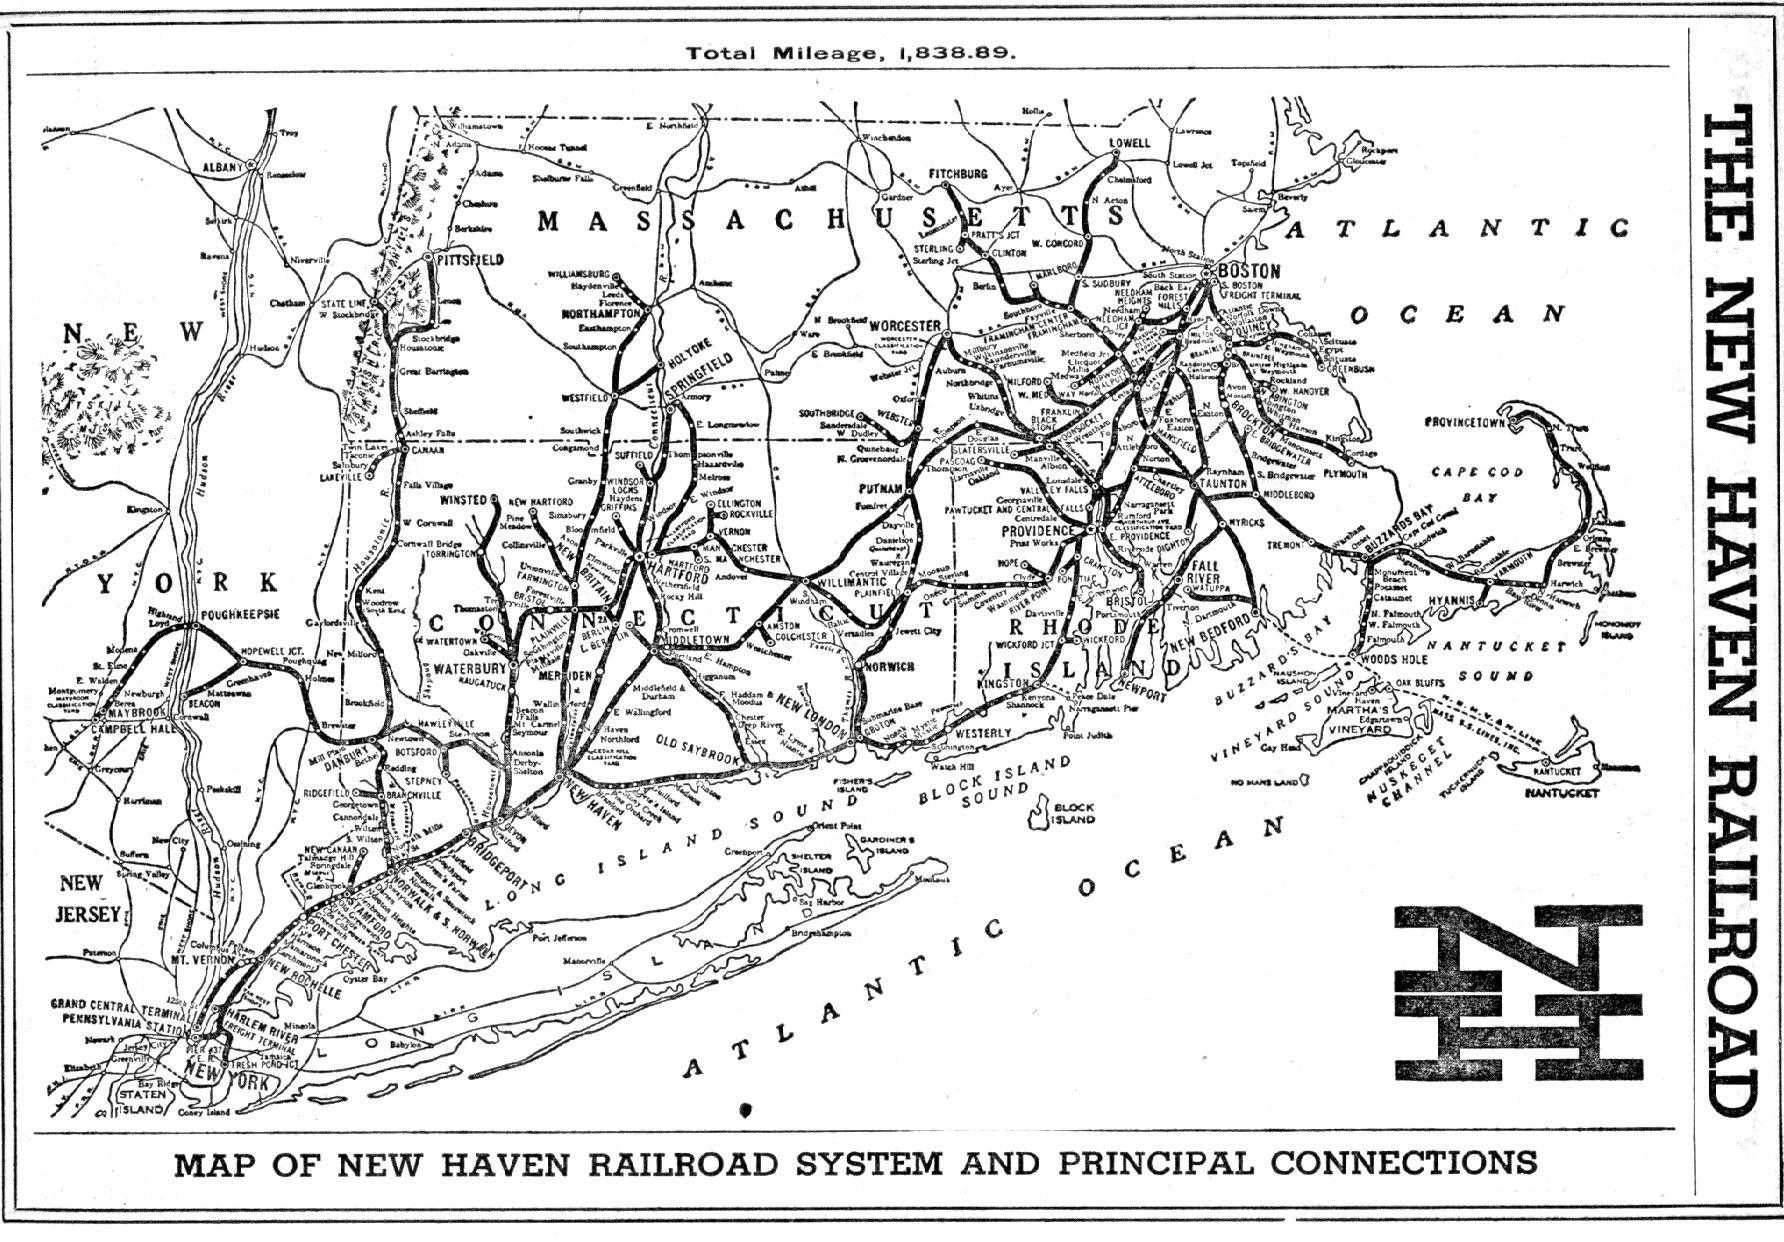 Railroad Map Page 1 Stans RailPix